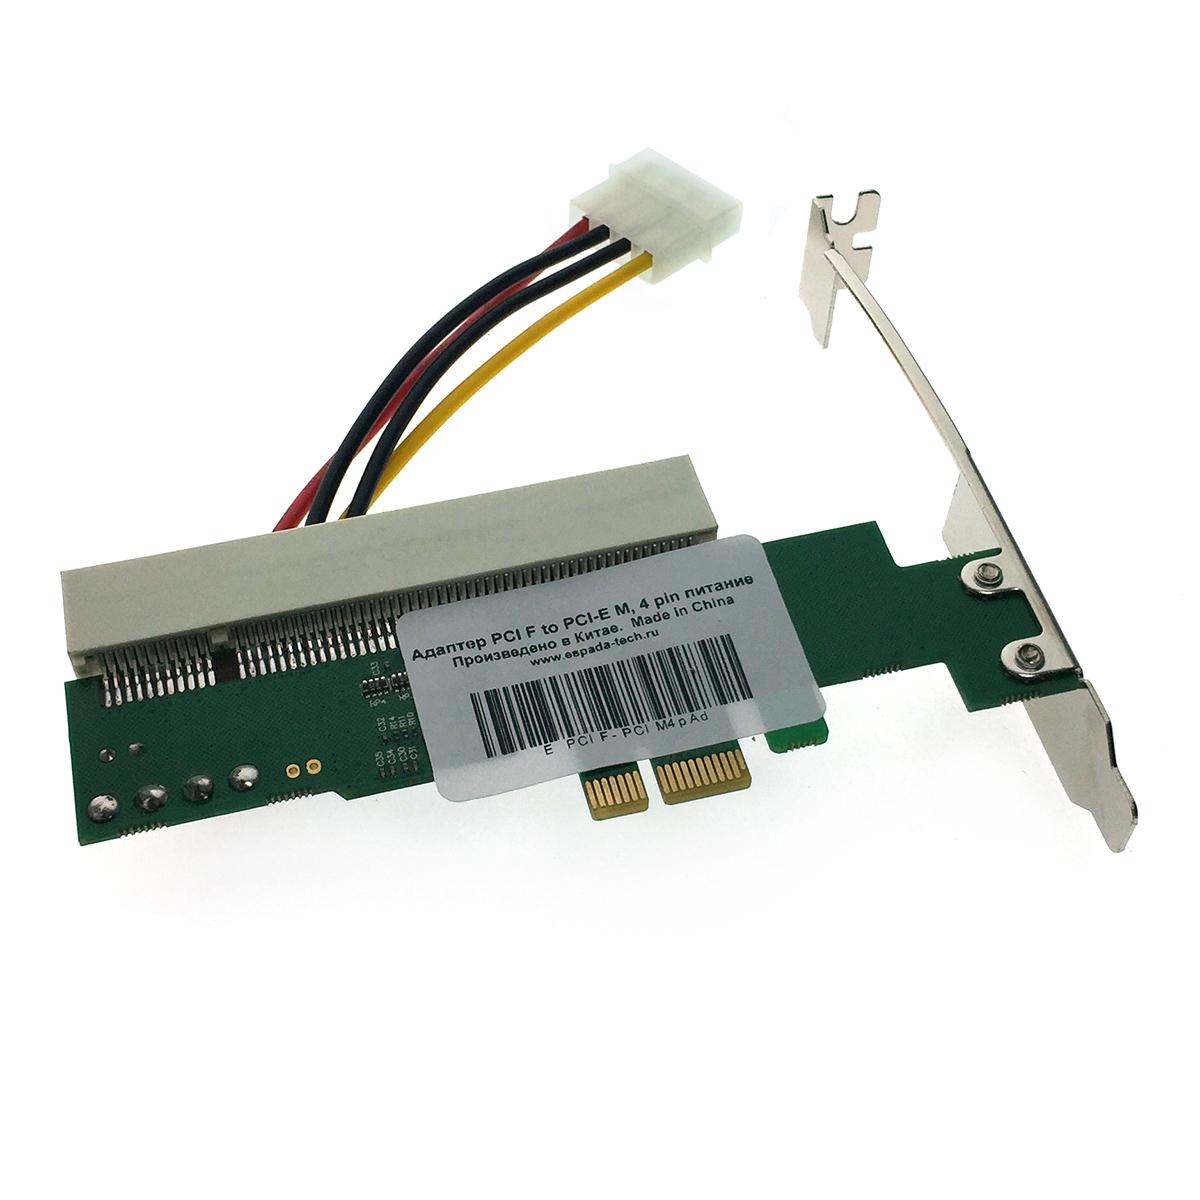 Адаптер PCI-E x1 male to PCI female 4 pin power, Espada EPCIF-PCIM4pAd